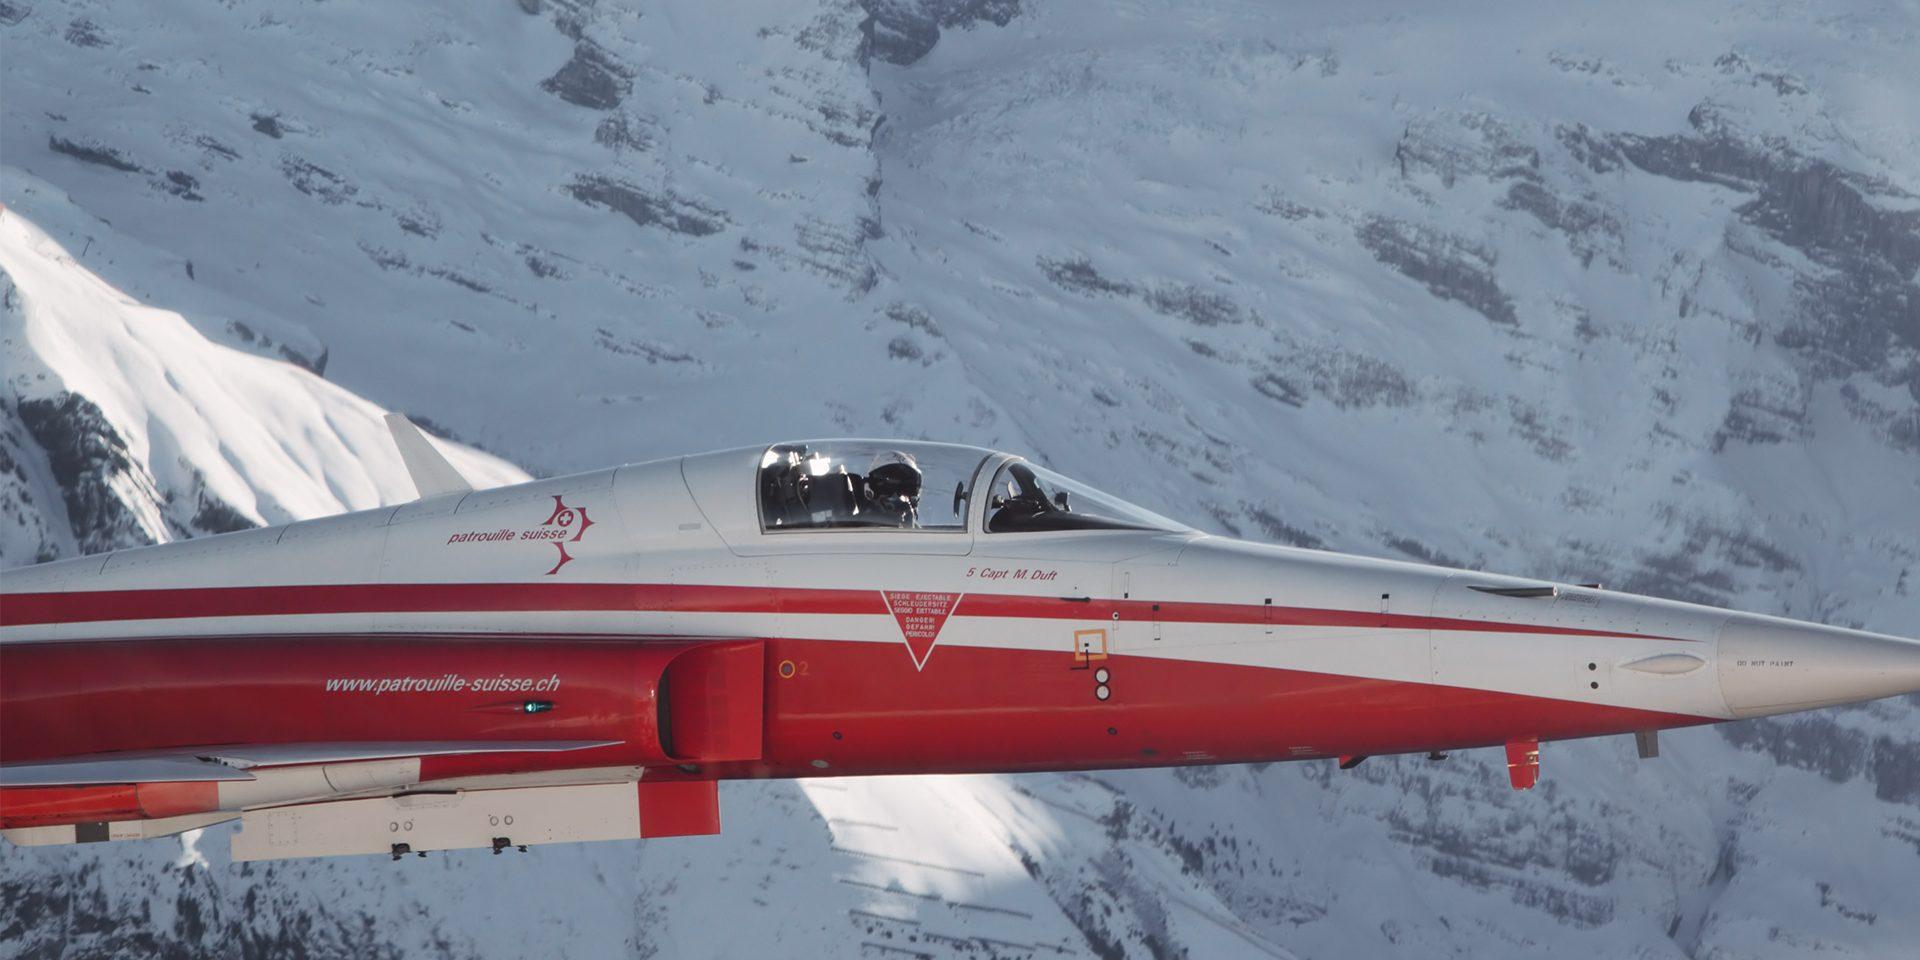 Swiss Lauberhorn (Kamera)